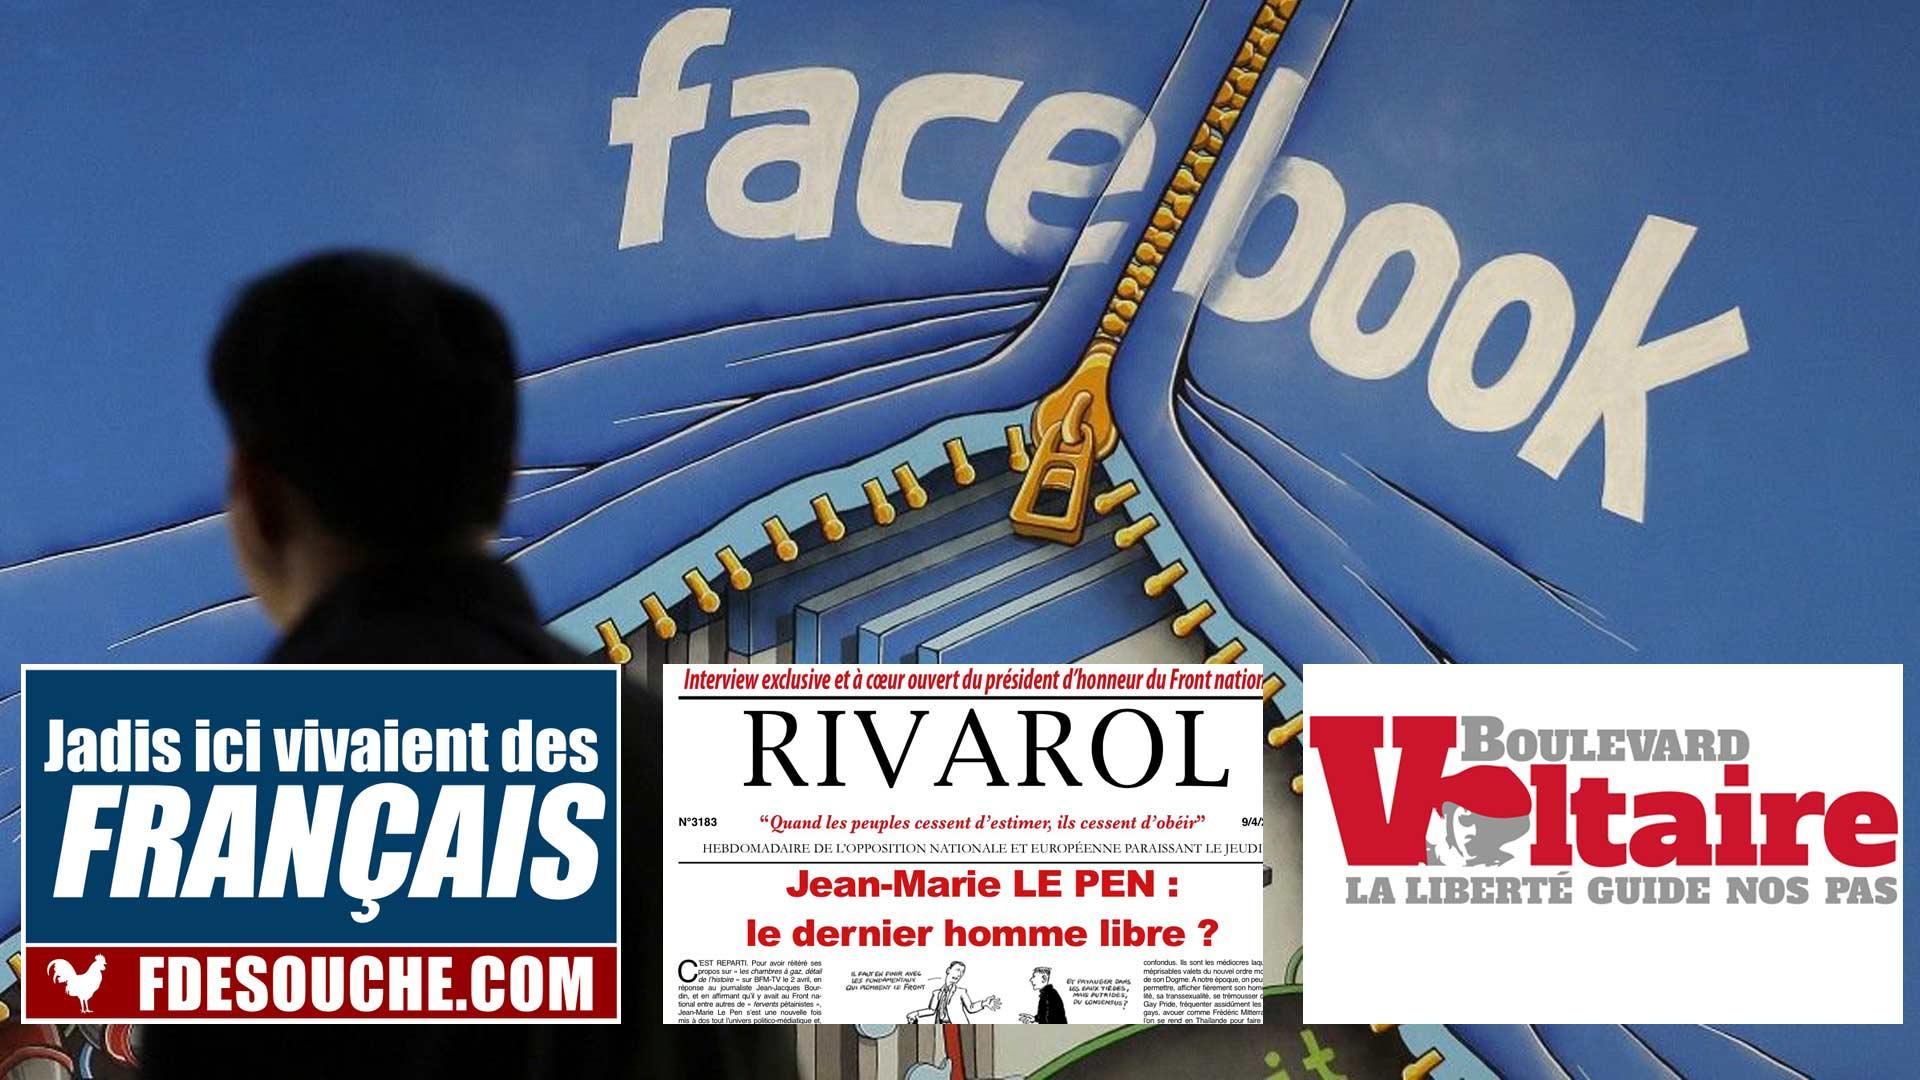 Facebook paye Rivarol, FdeSouche et Boulevard Voltaire pour trier les sites racistes